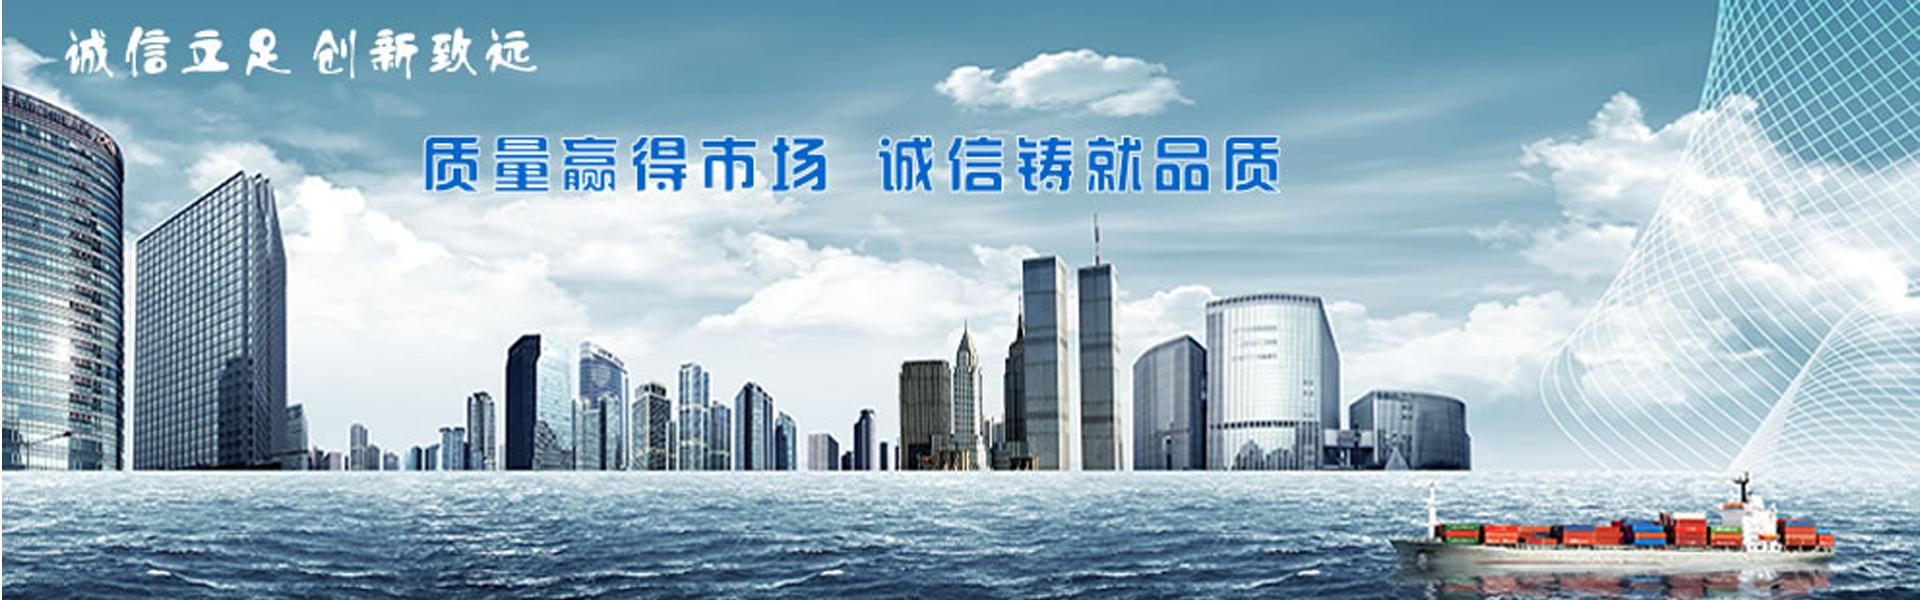 武汉爱邦辐照技术网站首页大图之一